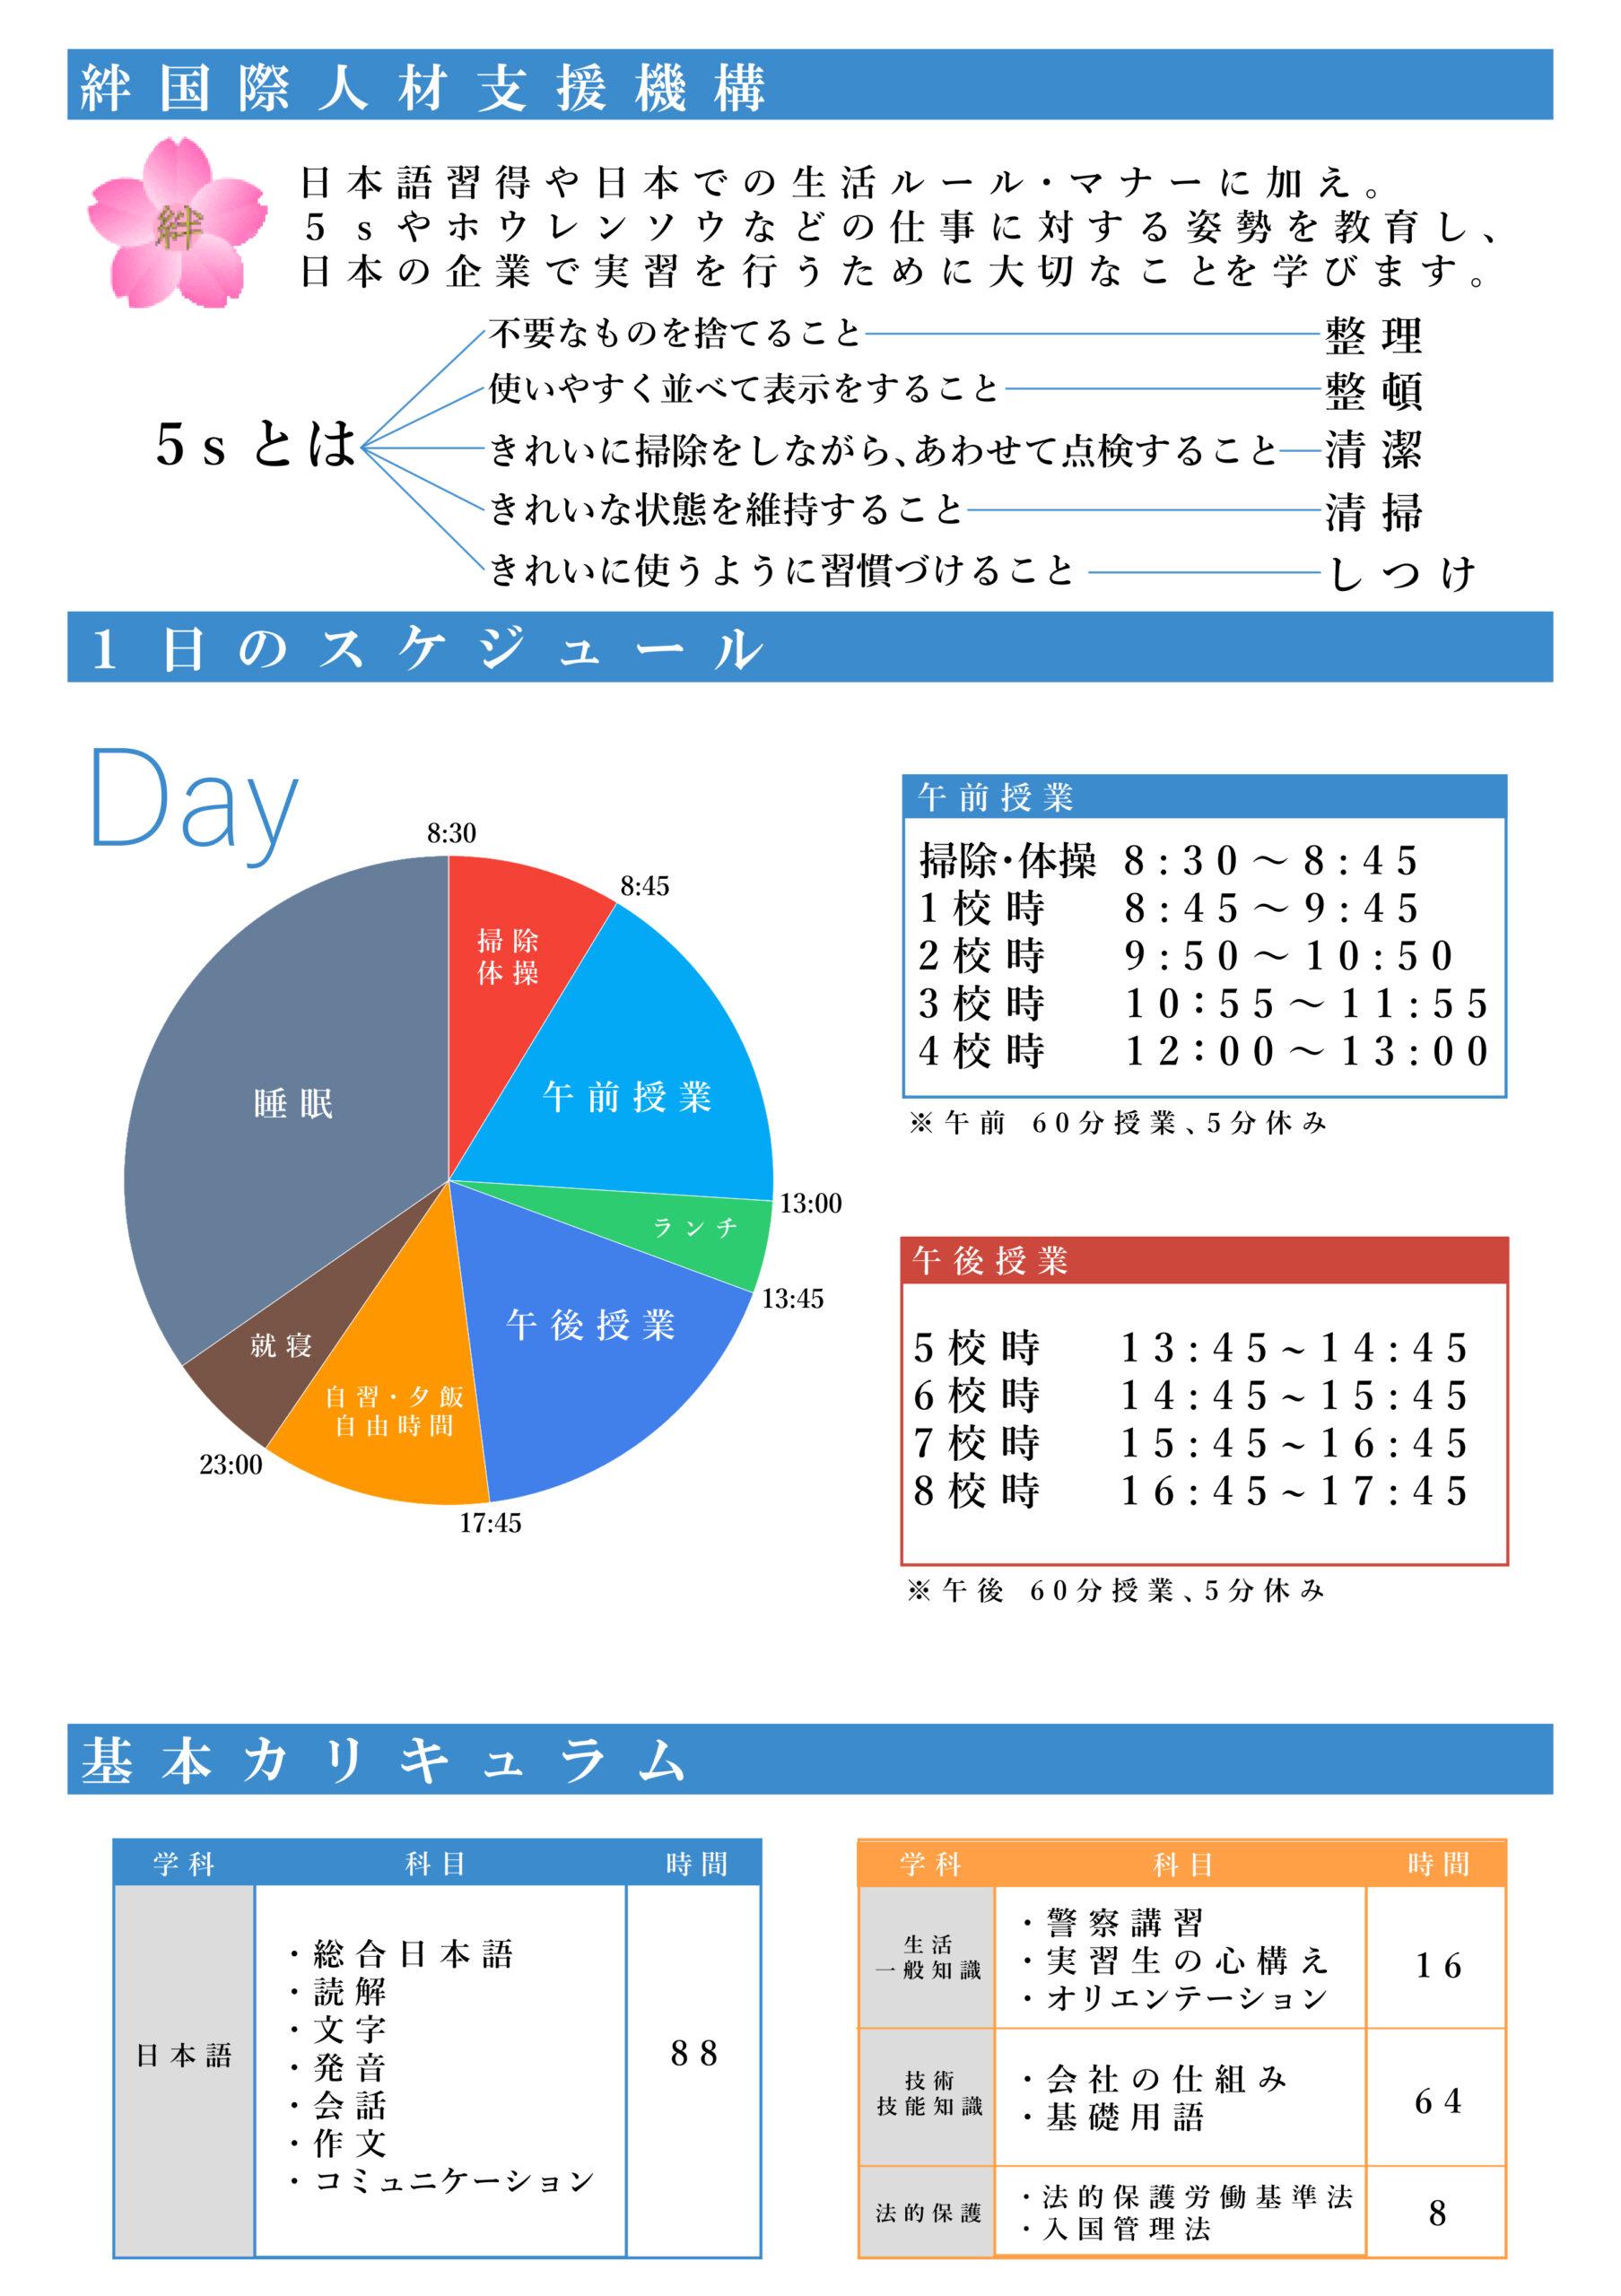 絆 日本語研究センター 様 2p